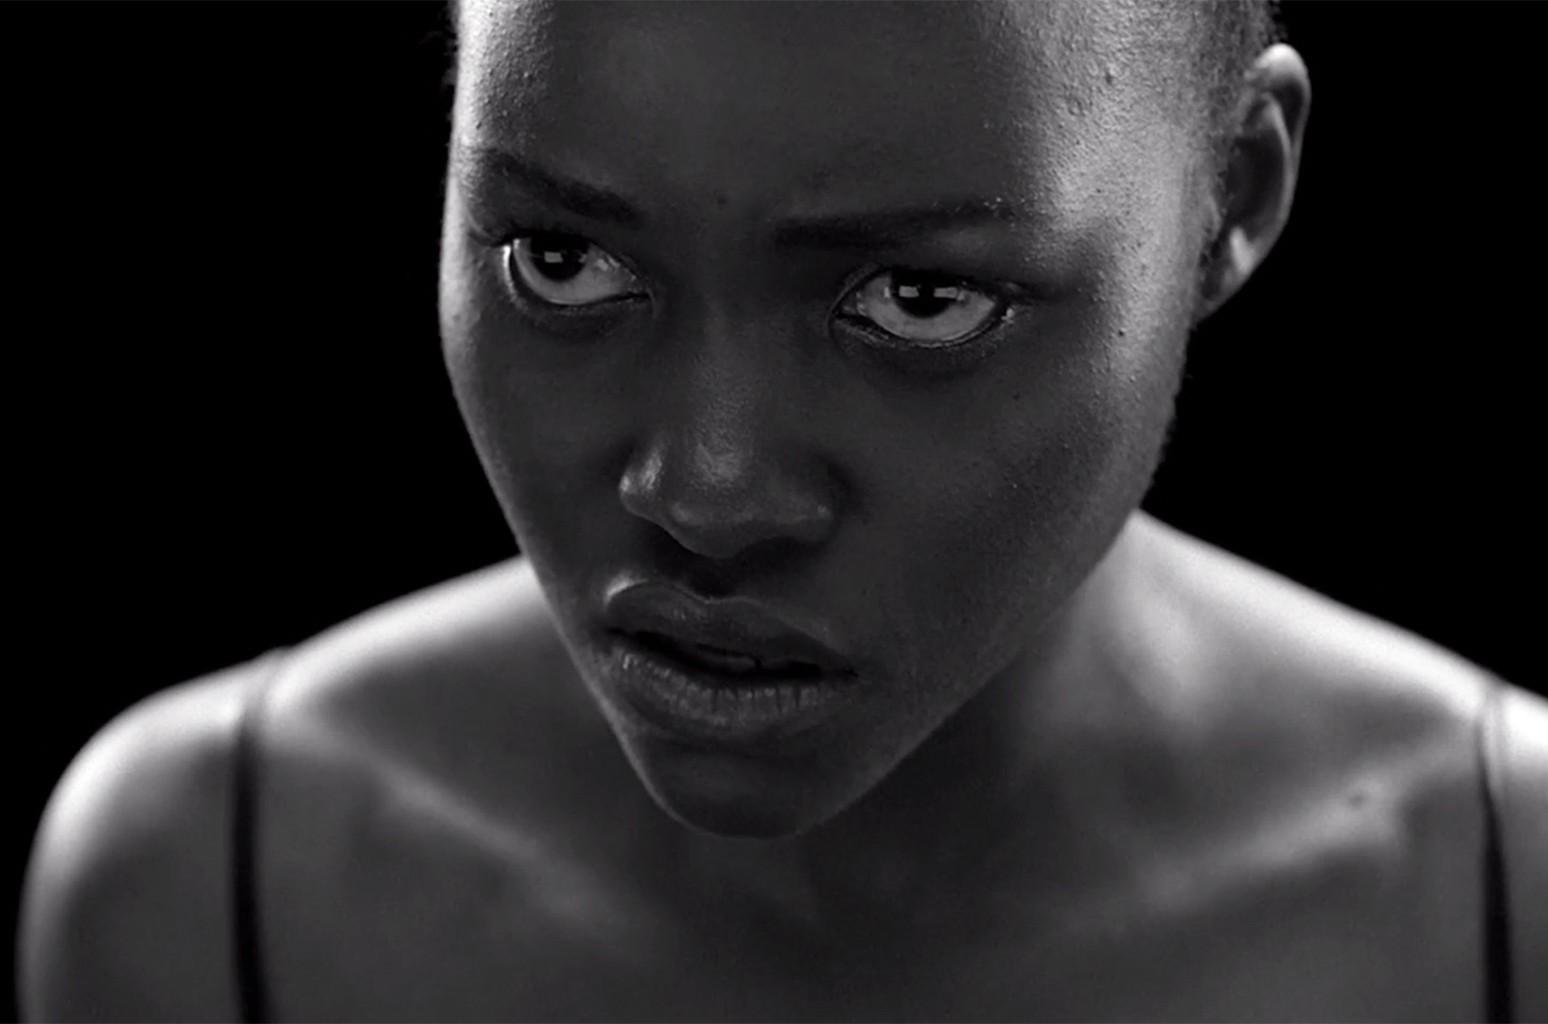 Lupita Nyong'o in Jay-Z's MaNyfaCedGod